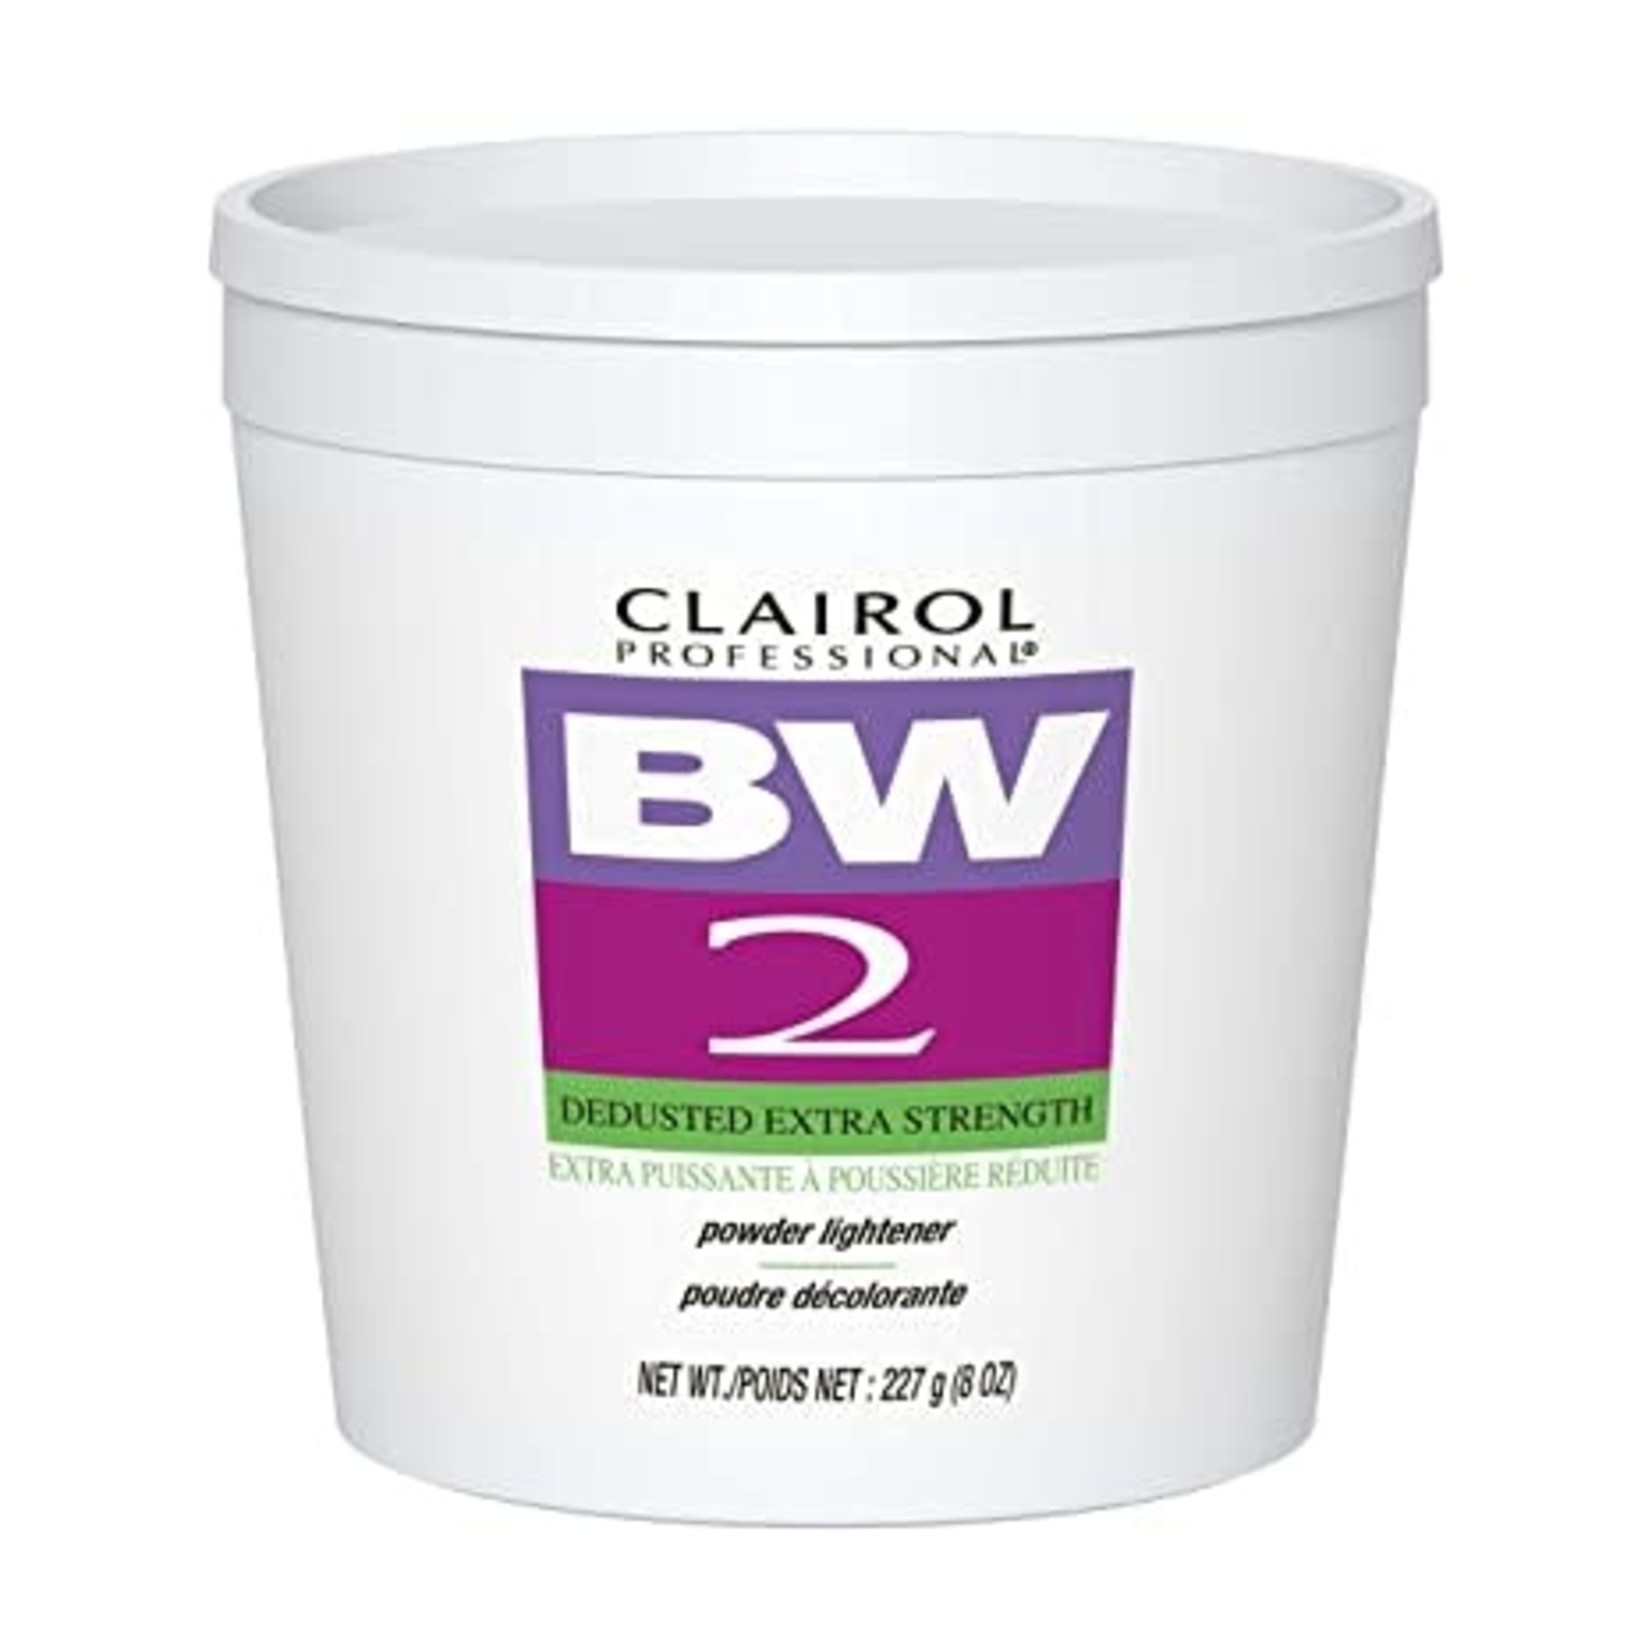 CLAIROL CLAIROL BW2 POWDER LIGHTENER TUB [8OZ]